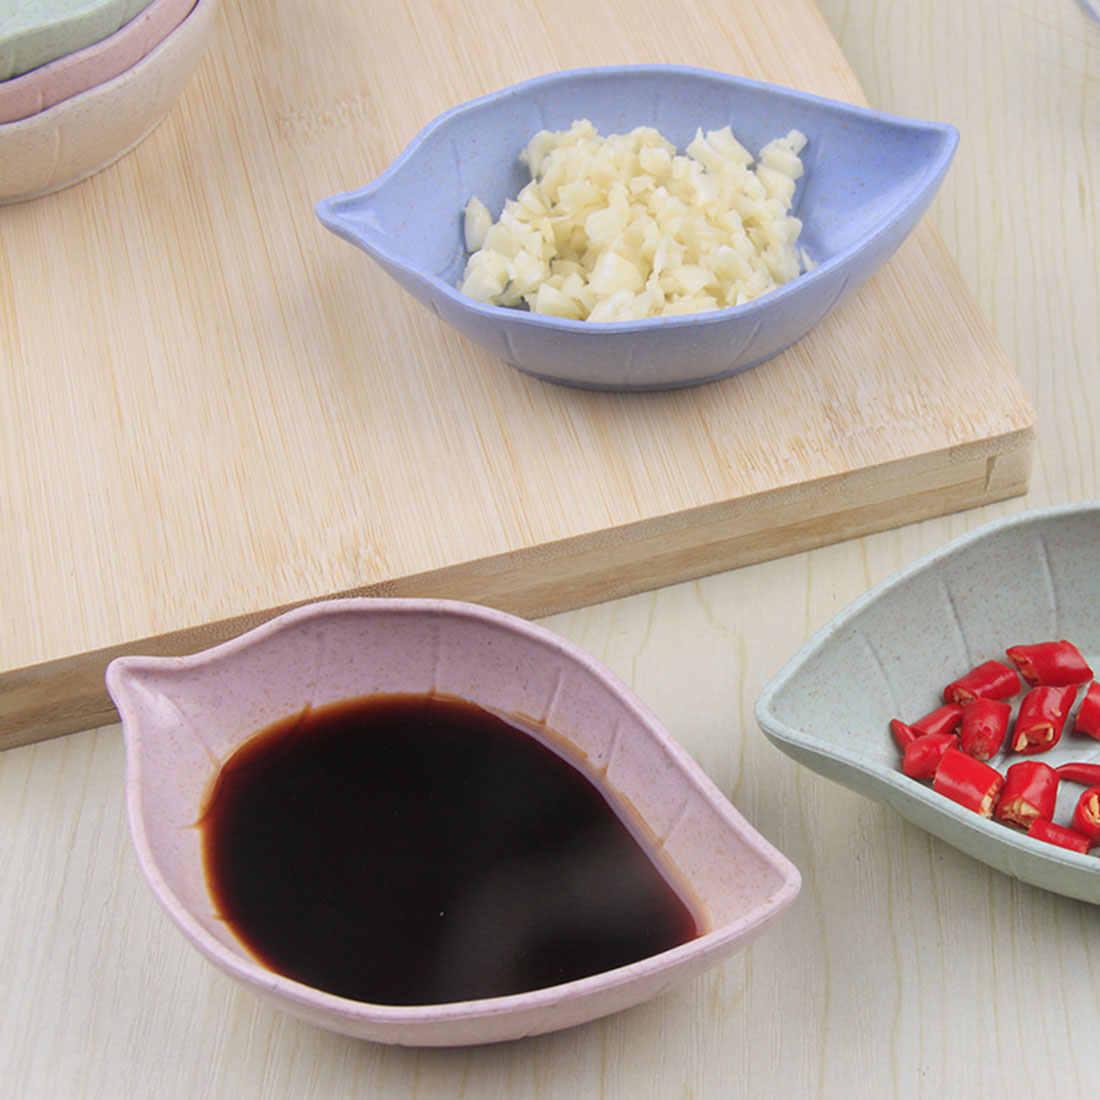 1 шт., форма листьев, Детская тарелка, миска, пшеничная солома, тарелка для соевого соуса, миска для риса, тарелка, подтарелка, японская посуда, контейнер для еды